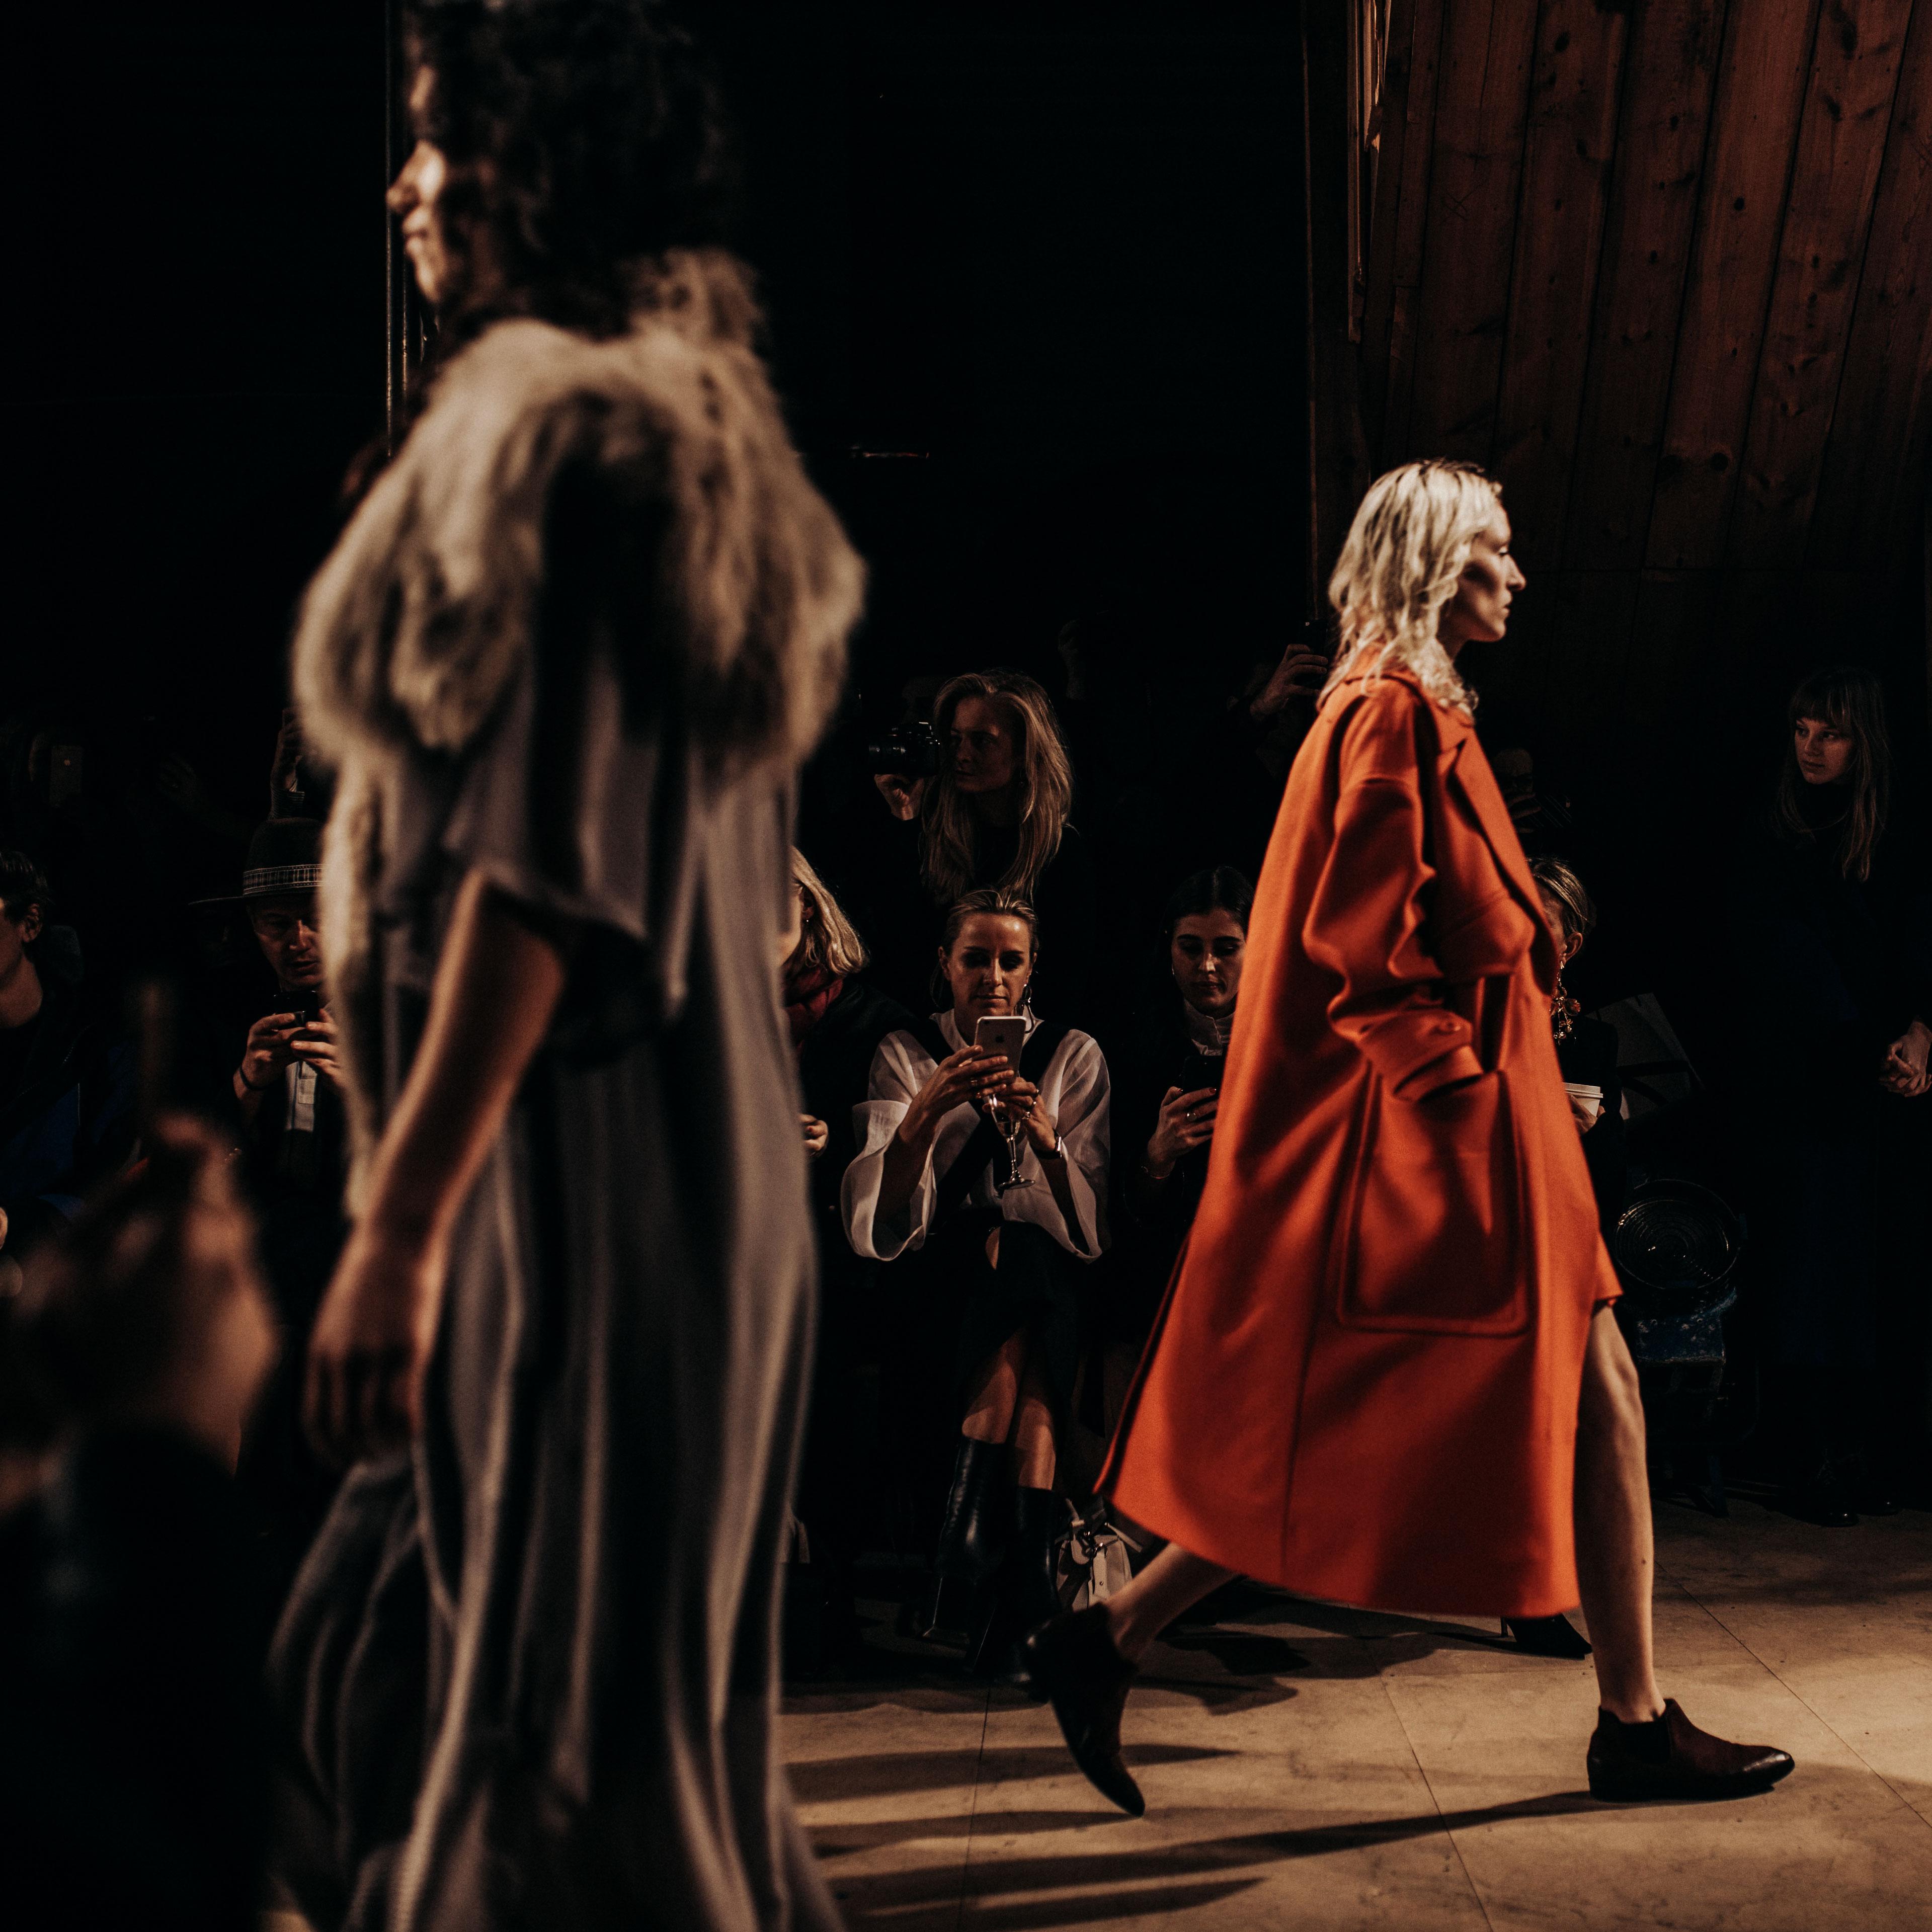 В первых рядах, неделя моды в Стокгольме, Блоггер Маша Седжвик